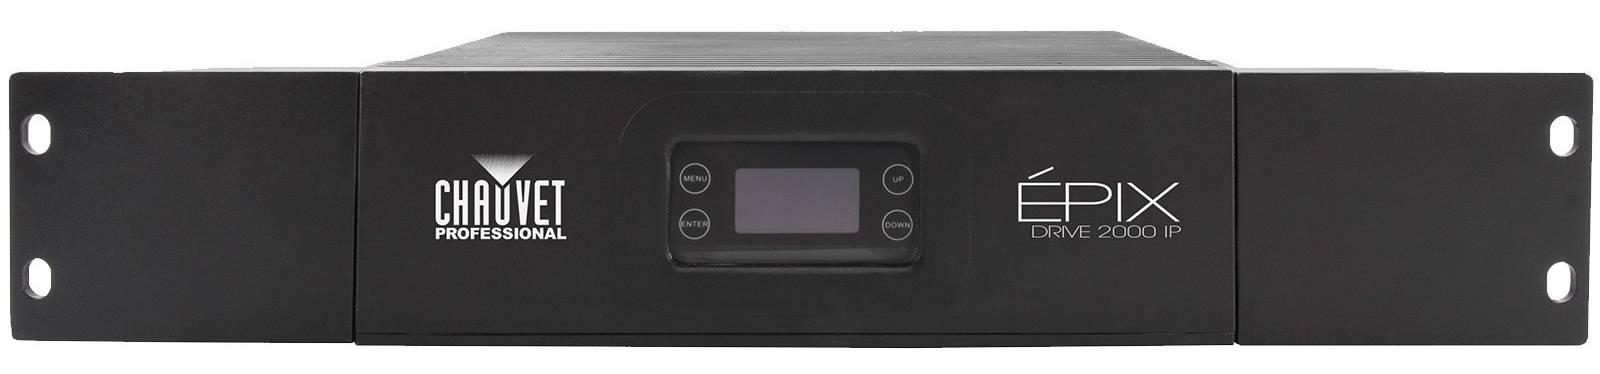 Chauvet Pro Epix Drive 2000 IP LEDs Controller for Epix Tour System Product Image 6